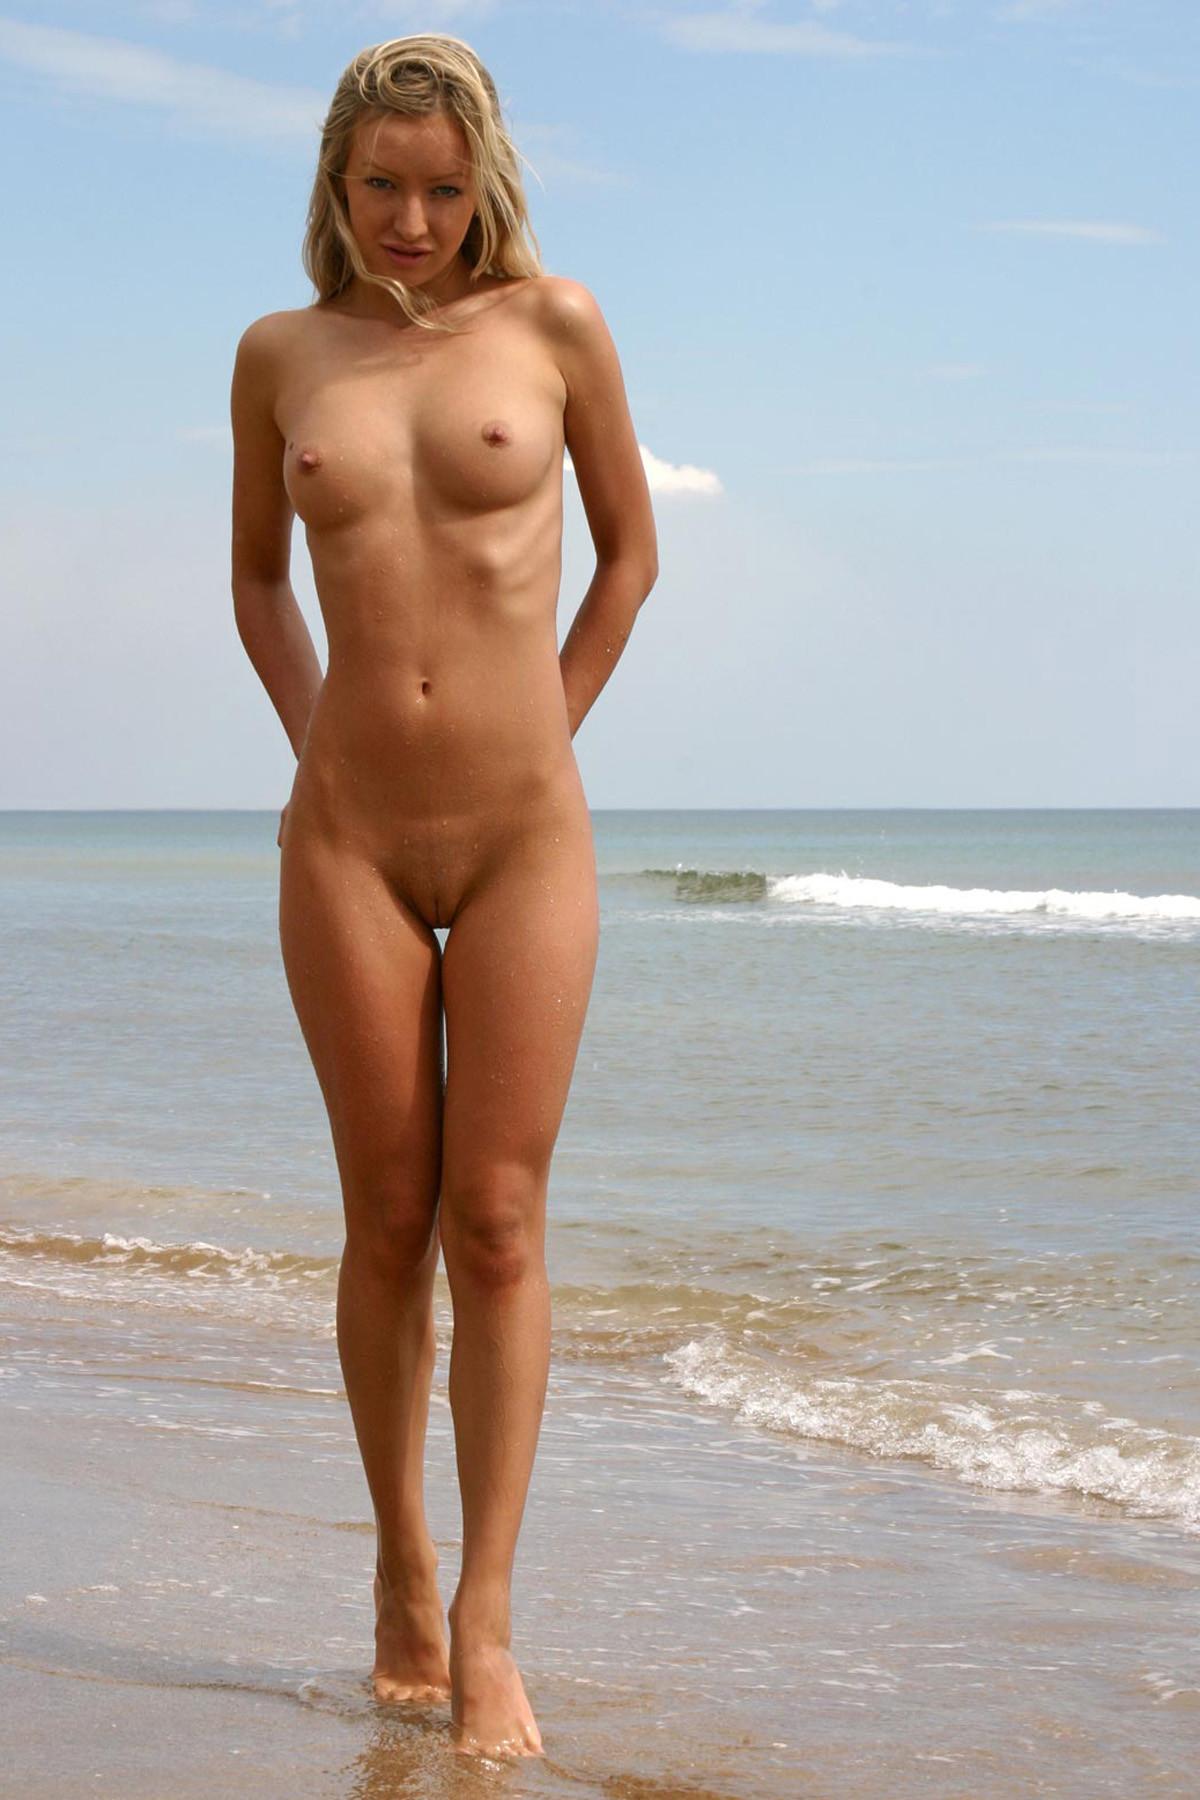 image Bikini babes having fun with stripper